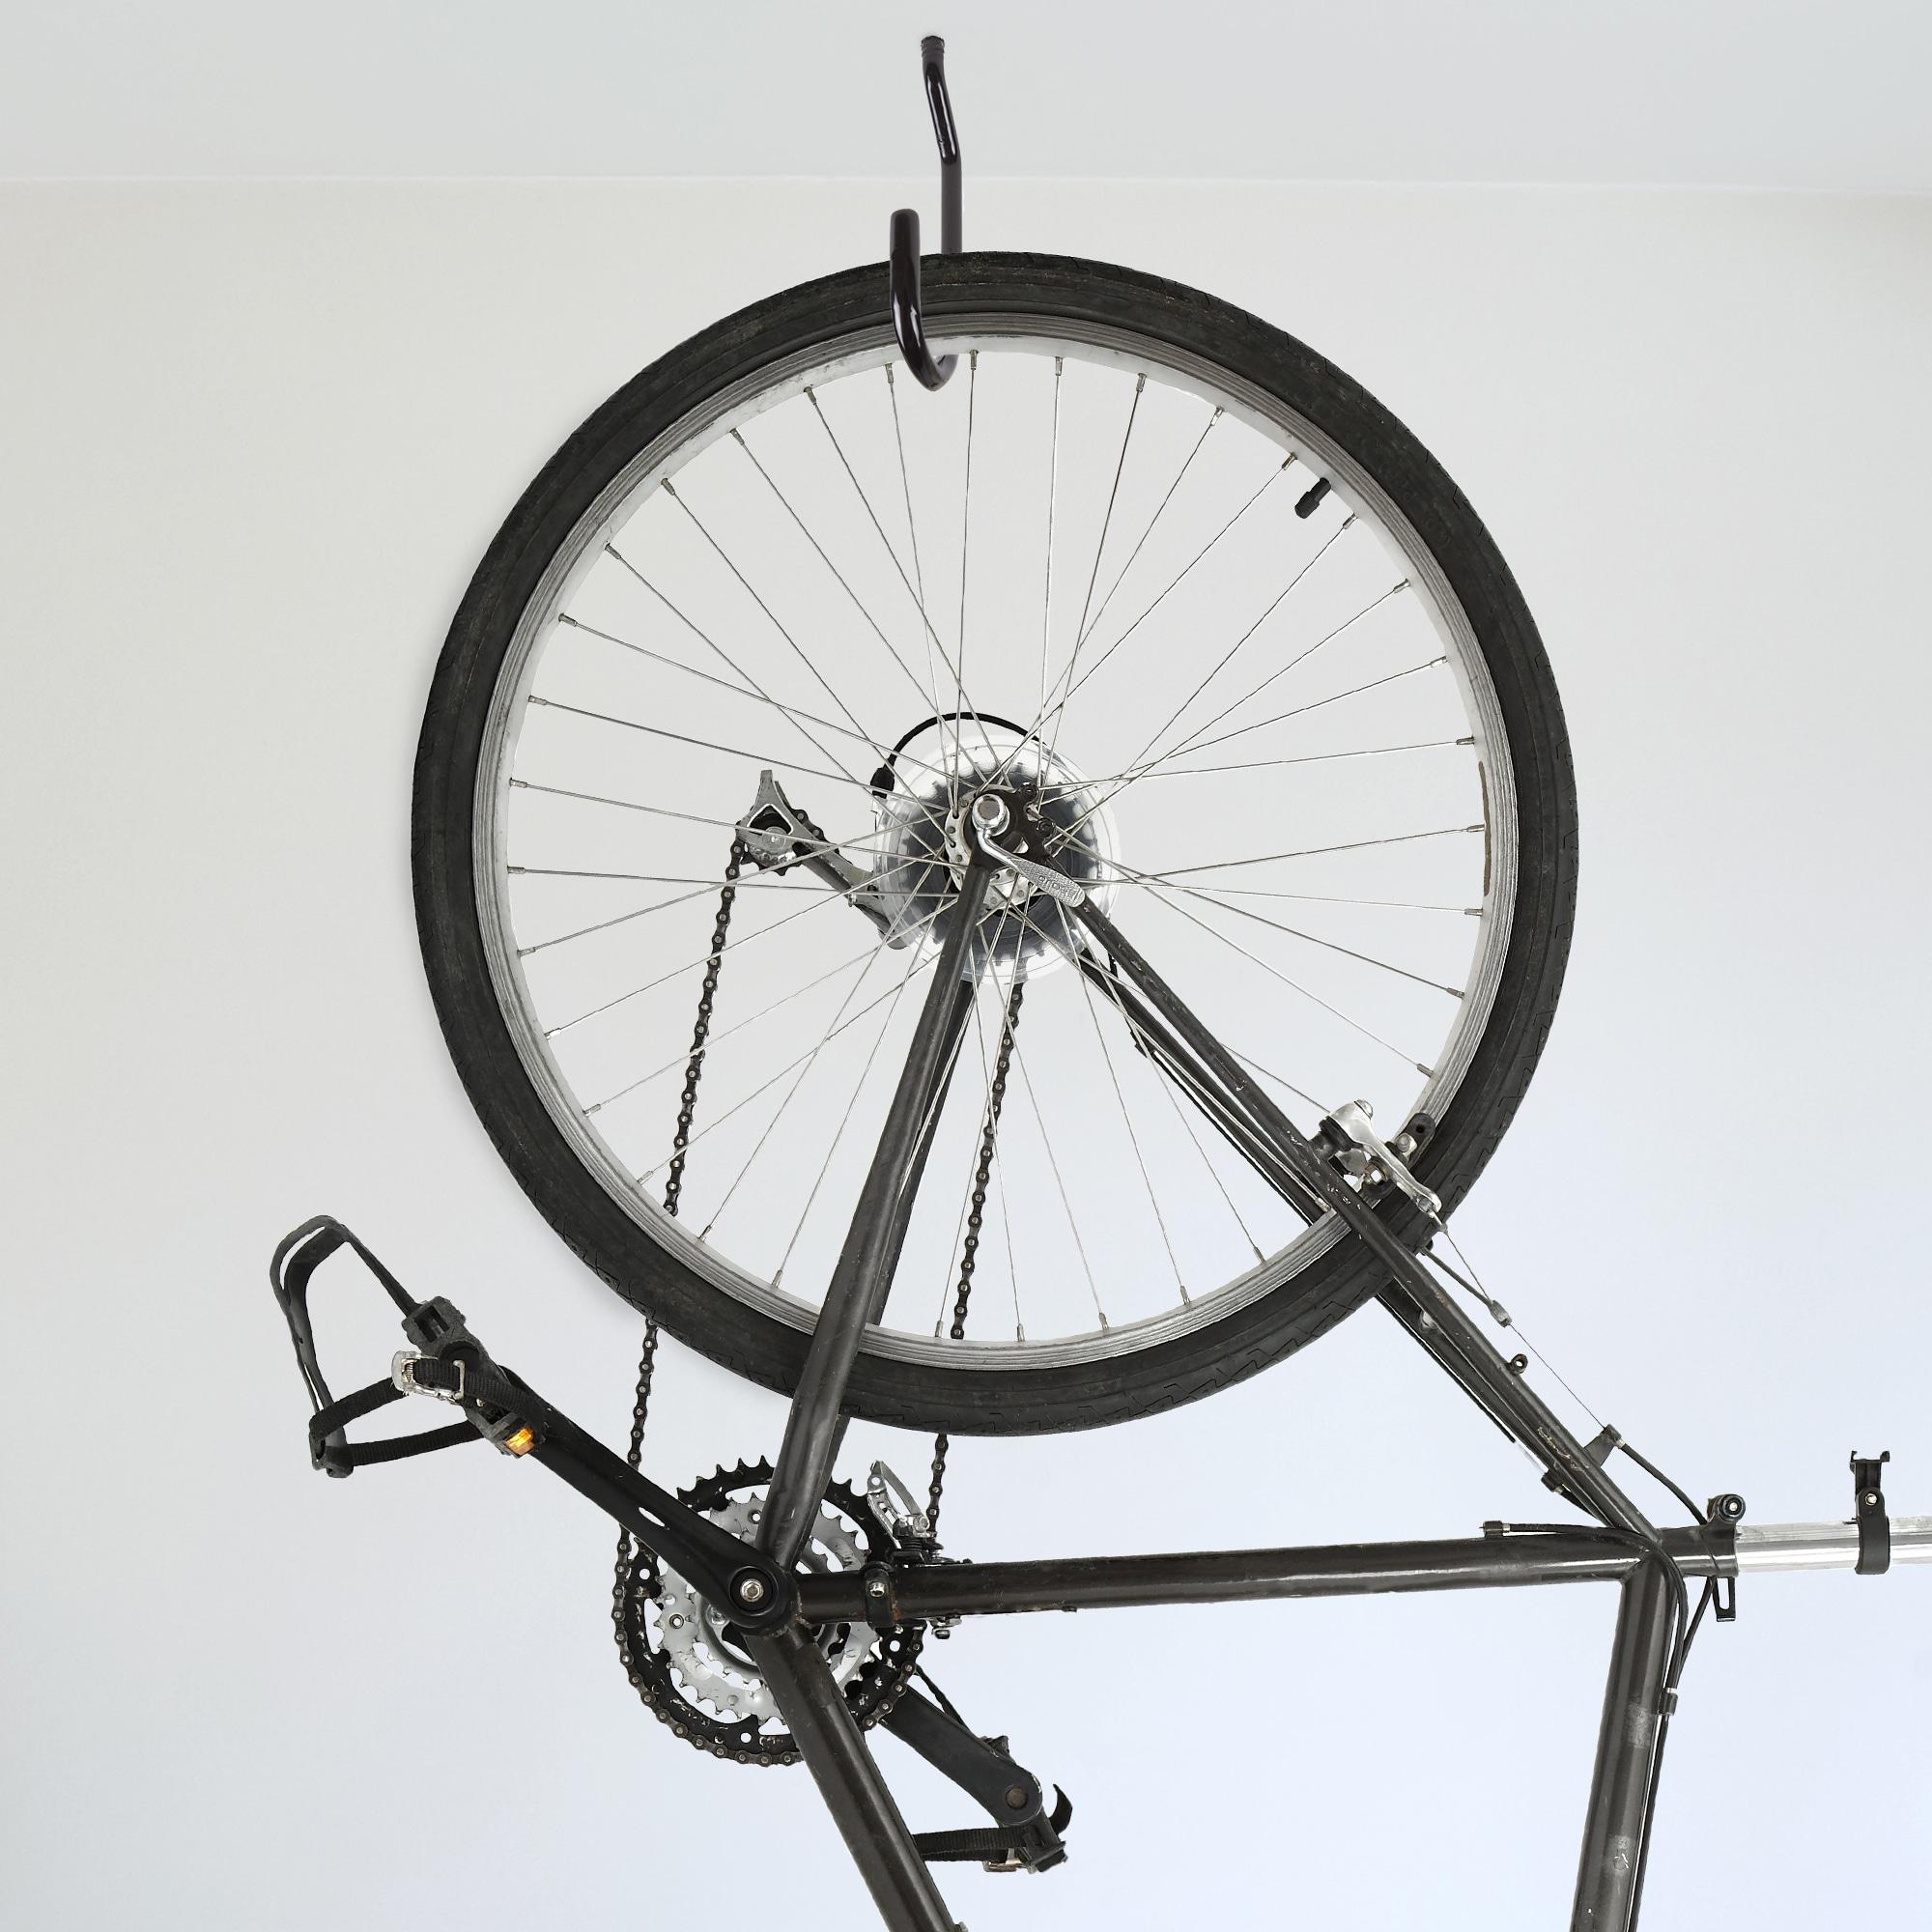 mount rack raw bike storage to platinum magnifier steel up floor ceiling gear ceilings